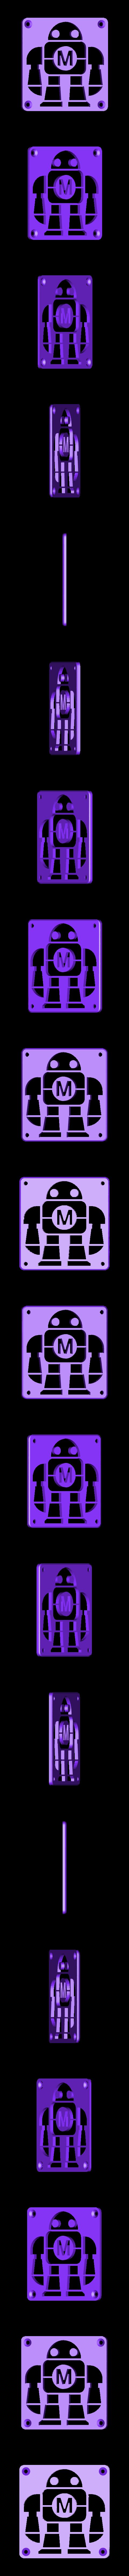 MakeRobot_Plate.STL Download free STL file Maker Faire LED Robot sign/nightlight • 3D printer object, Balkhagal4D